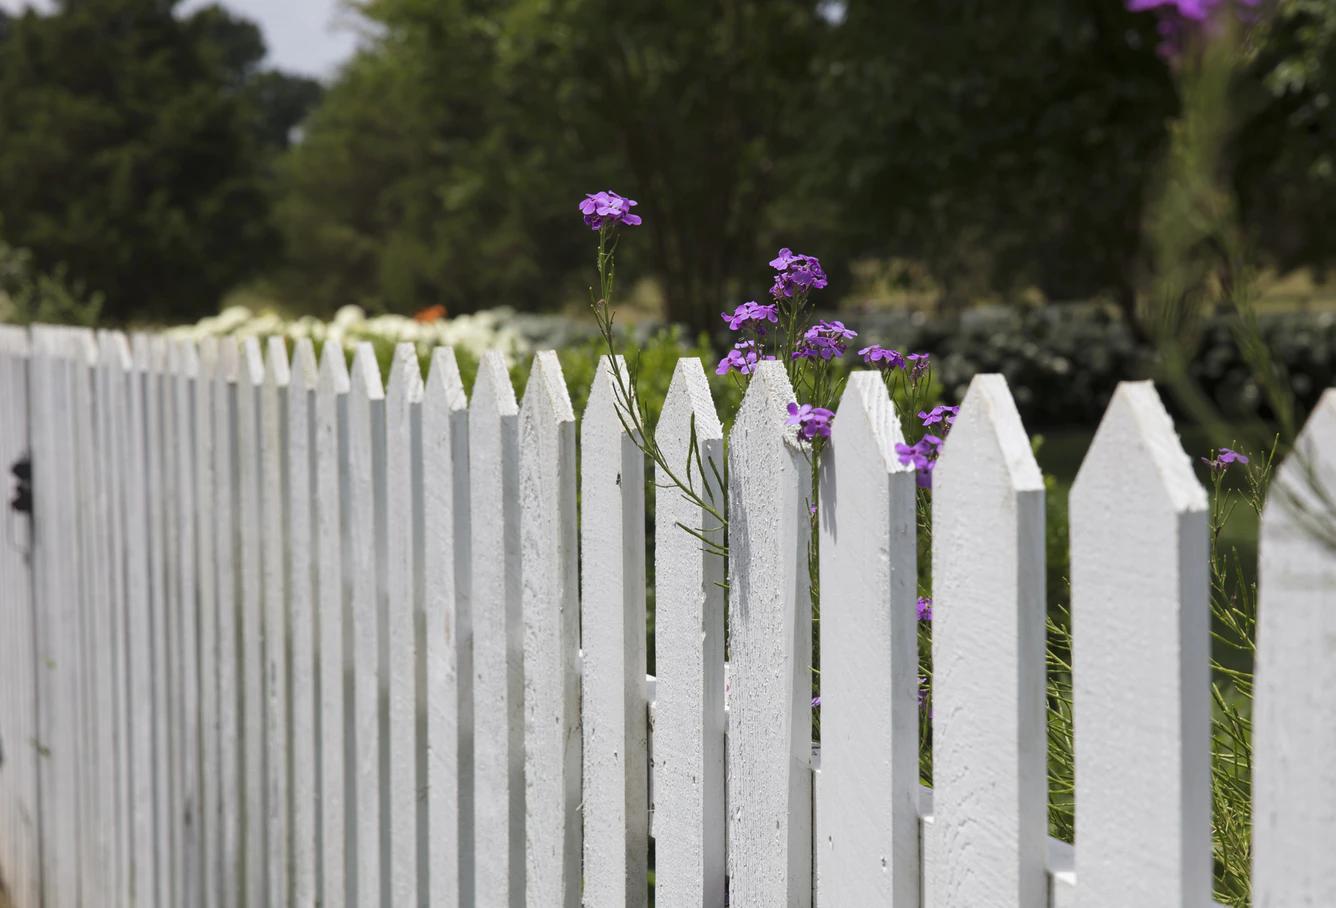 Sousedské problémy: Kdo má povinnost postavit plot?